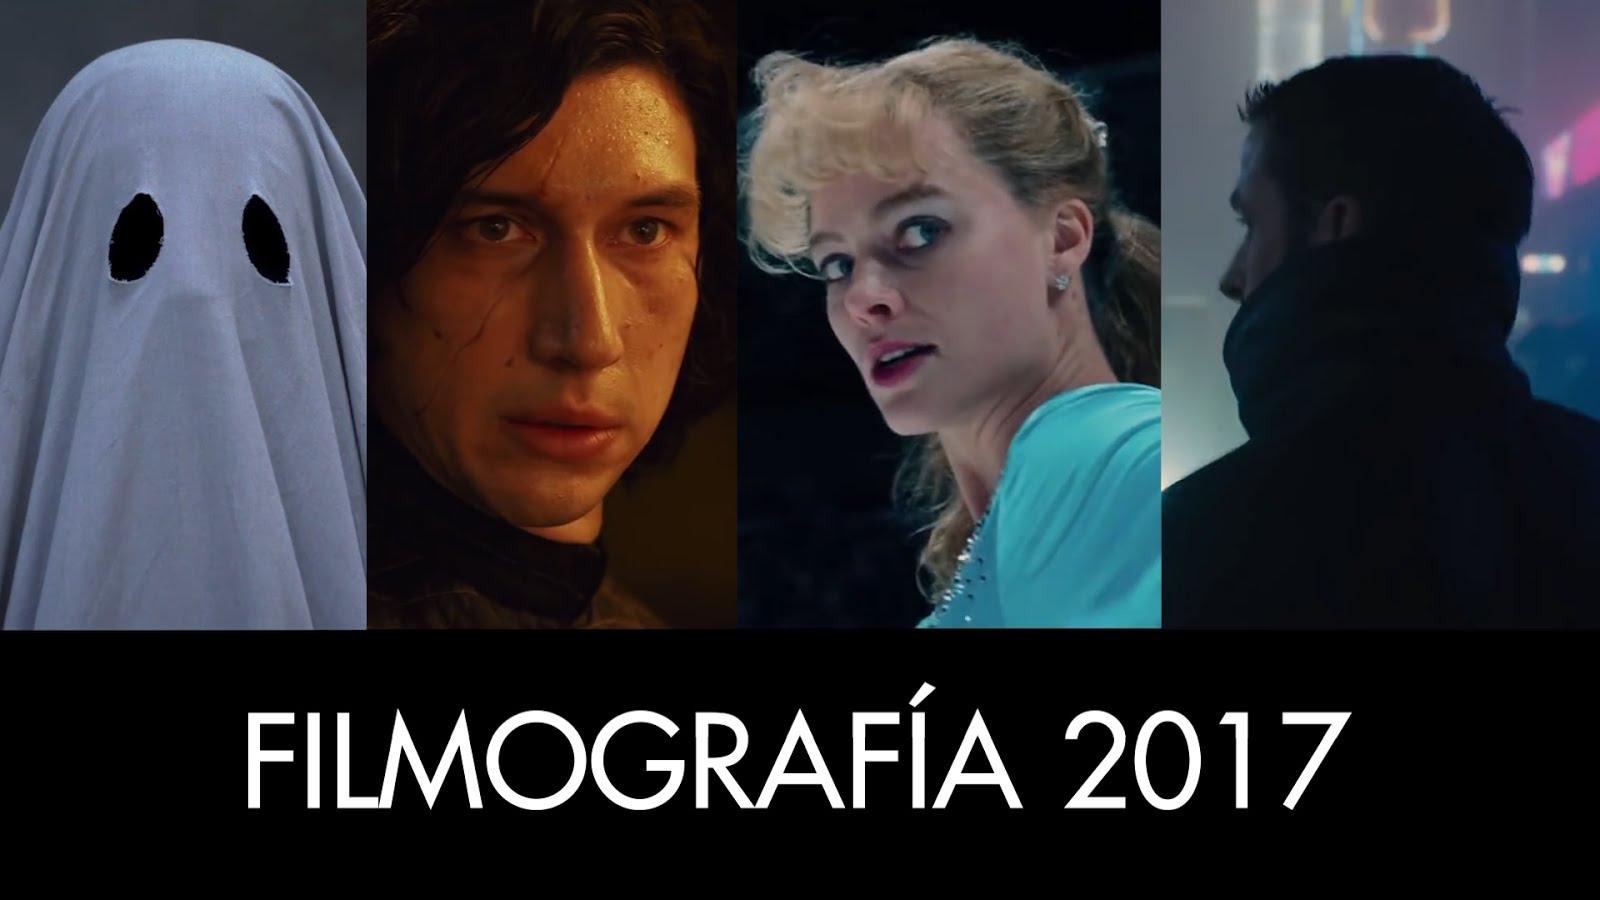 Filmografía 2017